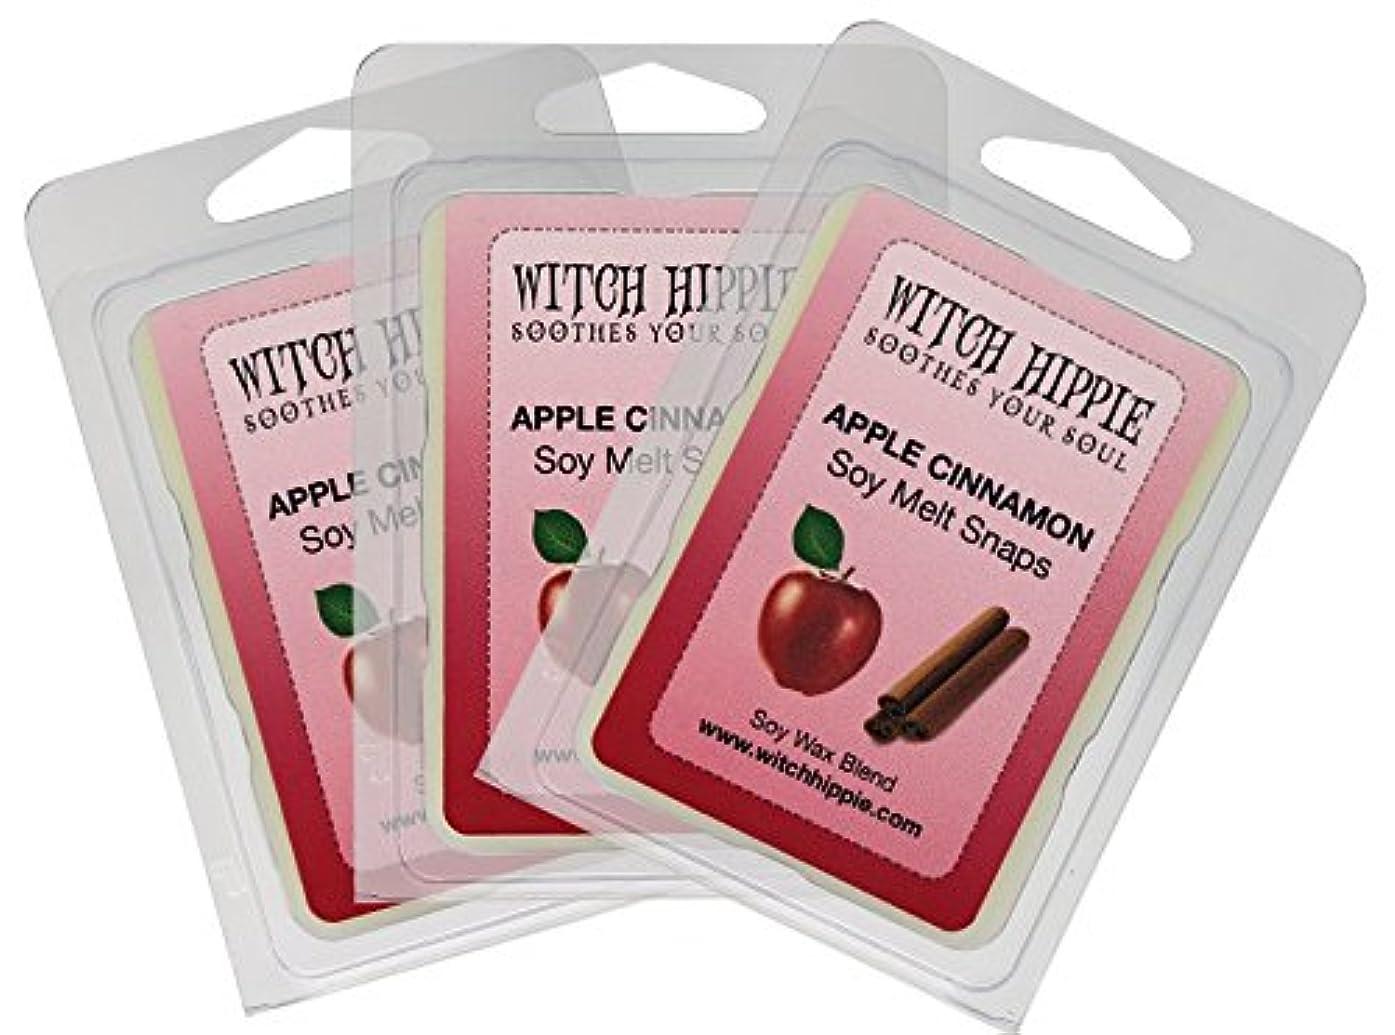 ジョグバンドルキノコアップルシナモンの香り付き芯なしキャンドルタルト 3パック 天然ソイワックスキューブ18個 フレッシュなシナモンスティックのパウダーを散りばめた赤いジューシーなマッキントッシュリンゴの香り